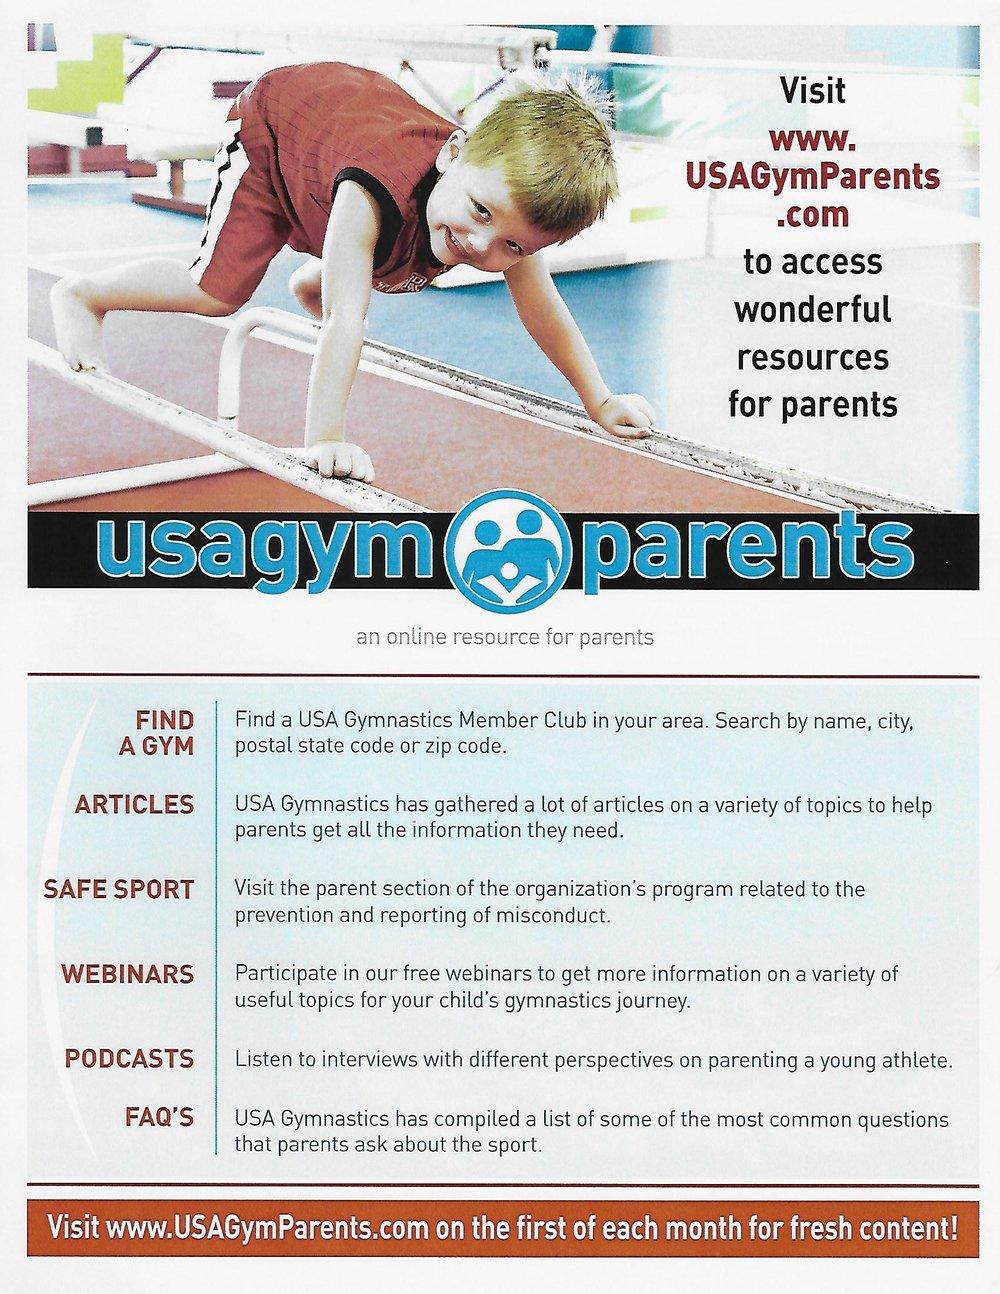 www.usagymparents.com